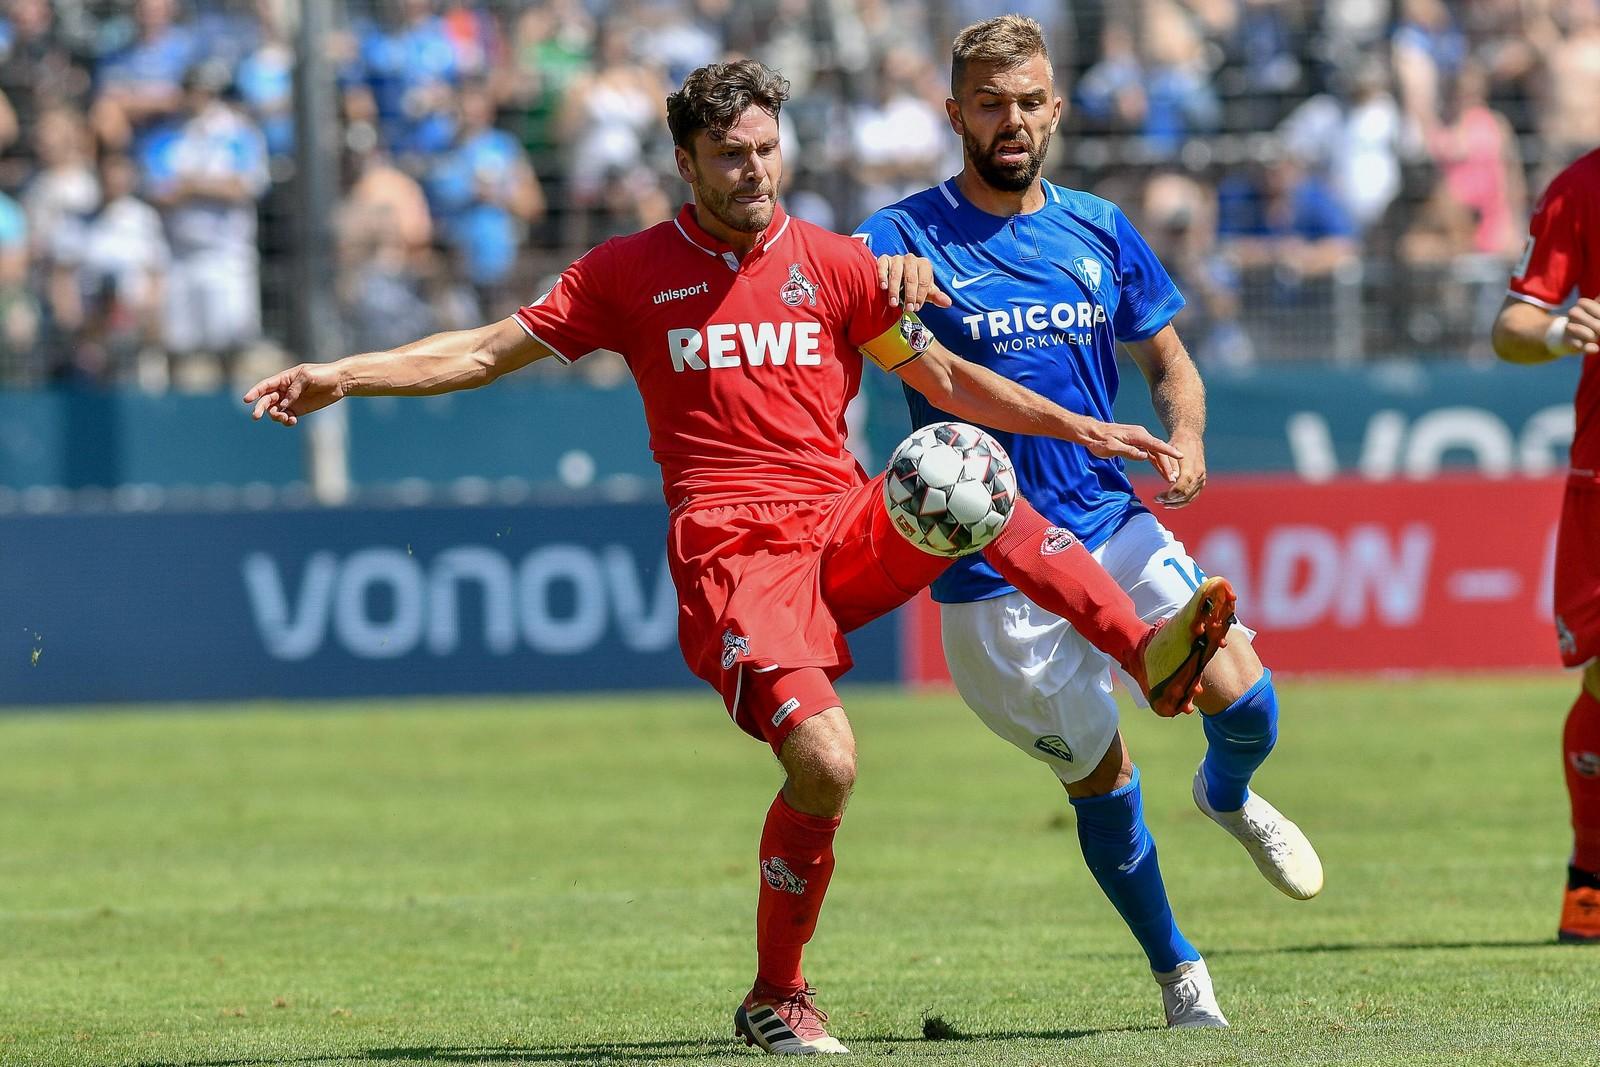 Kann Lukas Hinterseer ausgerechnet gegen Köln wieder treffen? Jetzt auf Köln gegen Bochum wetten!